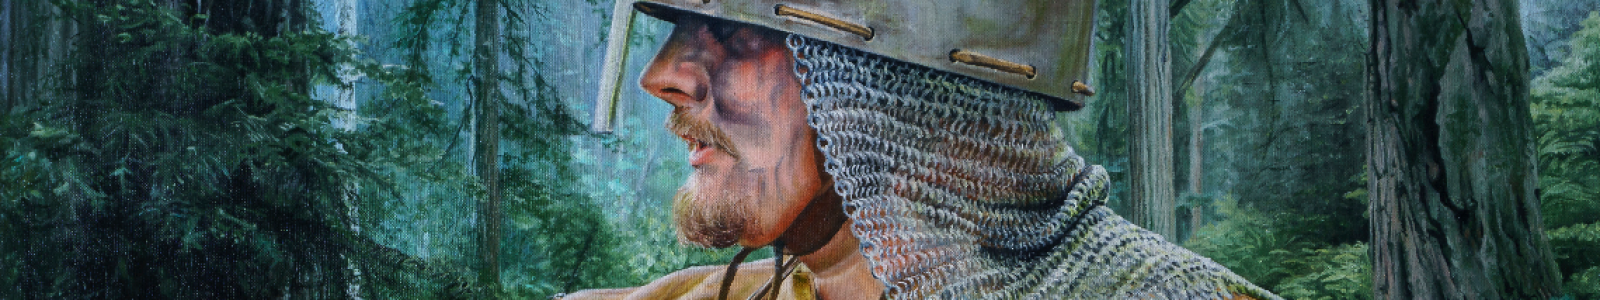 Gallery Painter Viachaslau Shainurau